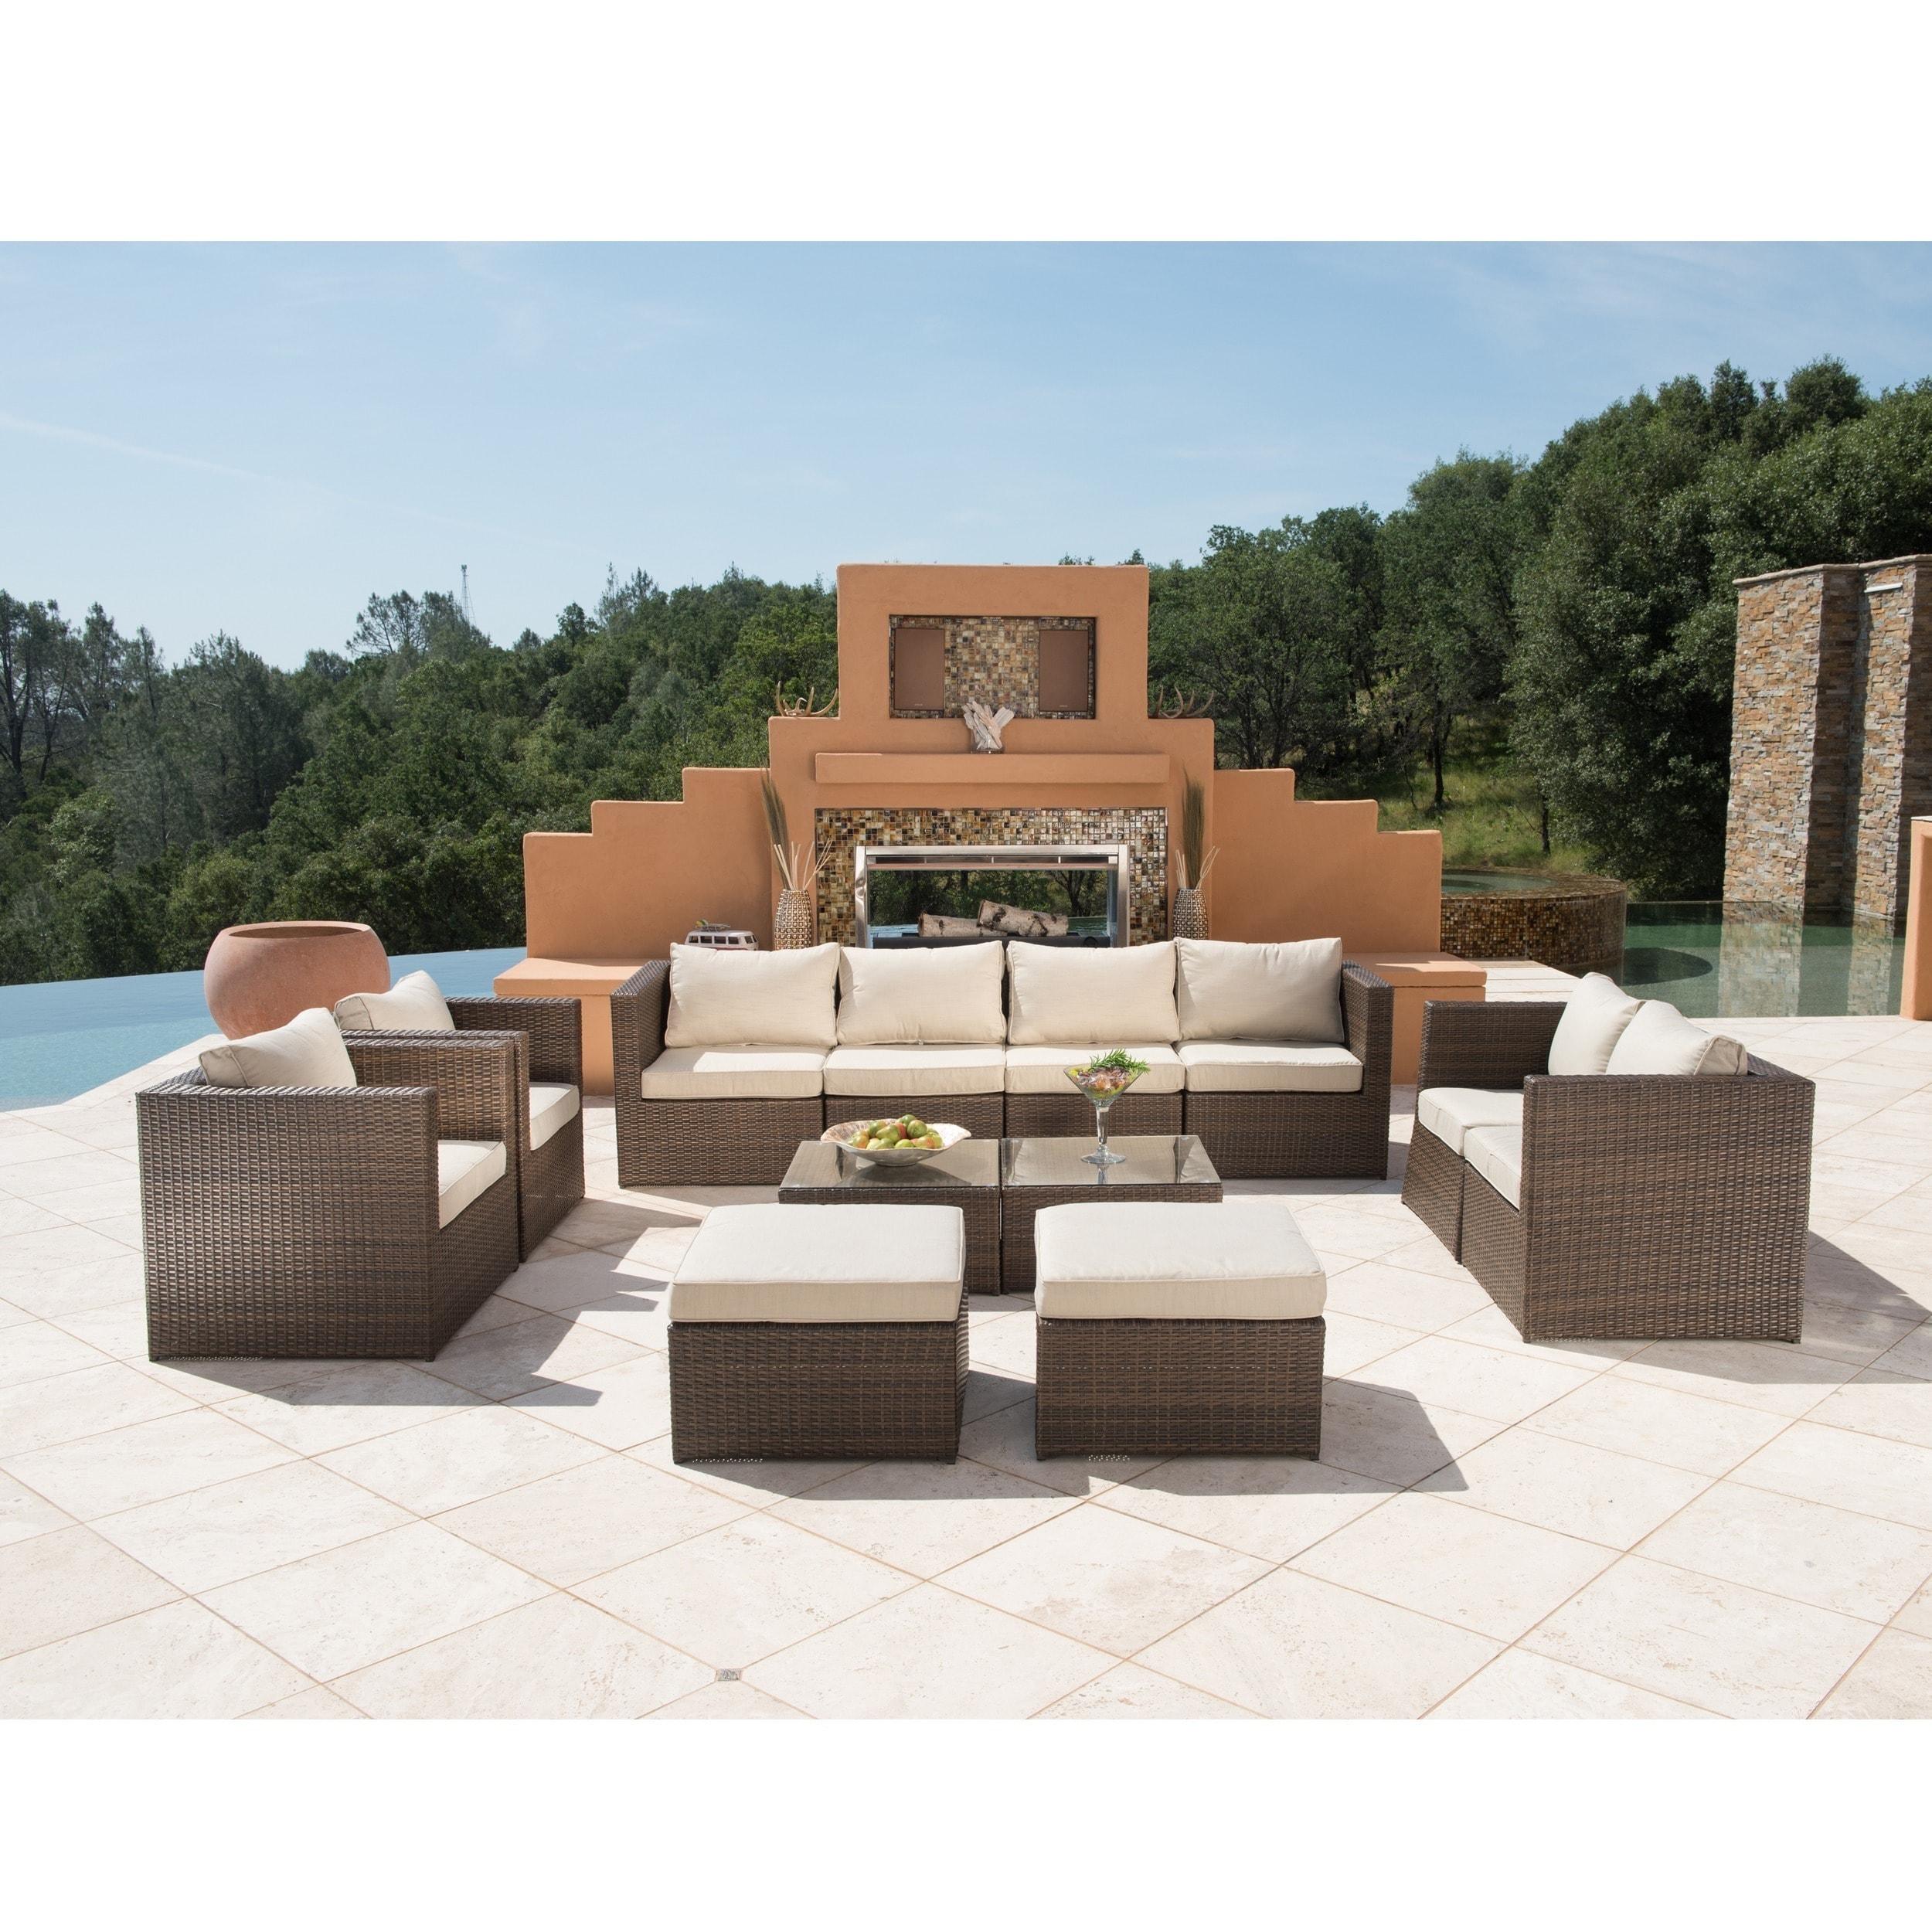 Shop Corvus Trey 12 Piece Dark Brown Wicker Patio Furniture Set With - Why-wicker-patio-furniture-is-the-best-choice-for-your-outdoor-needs